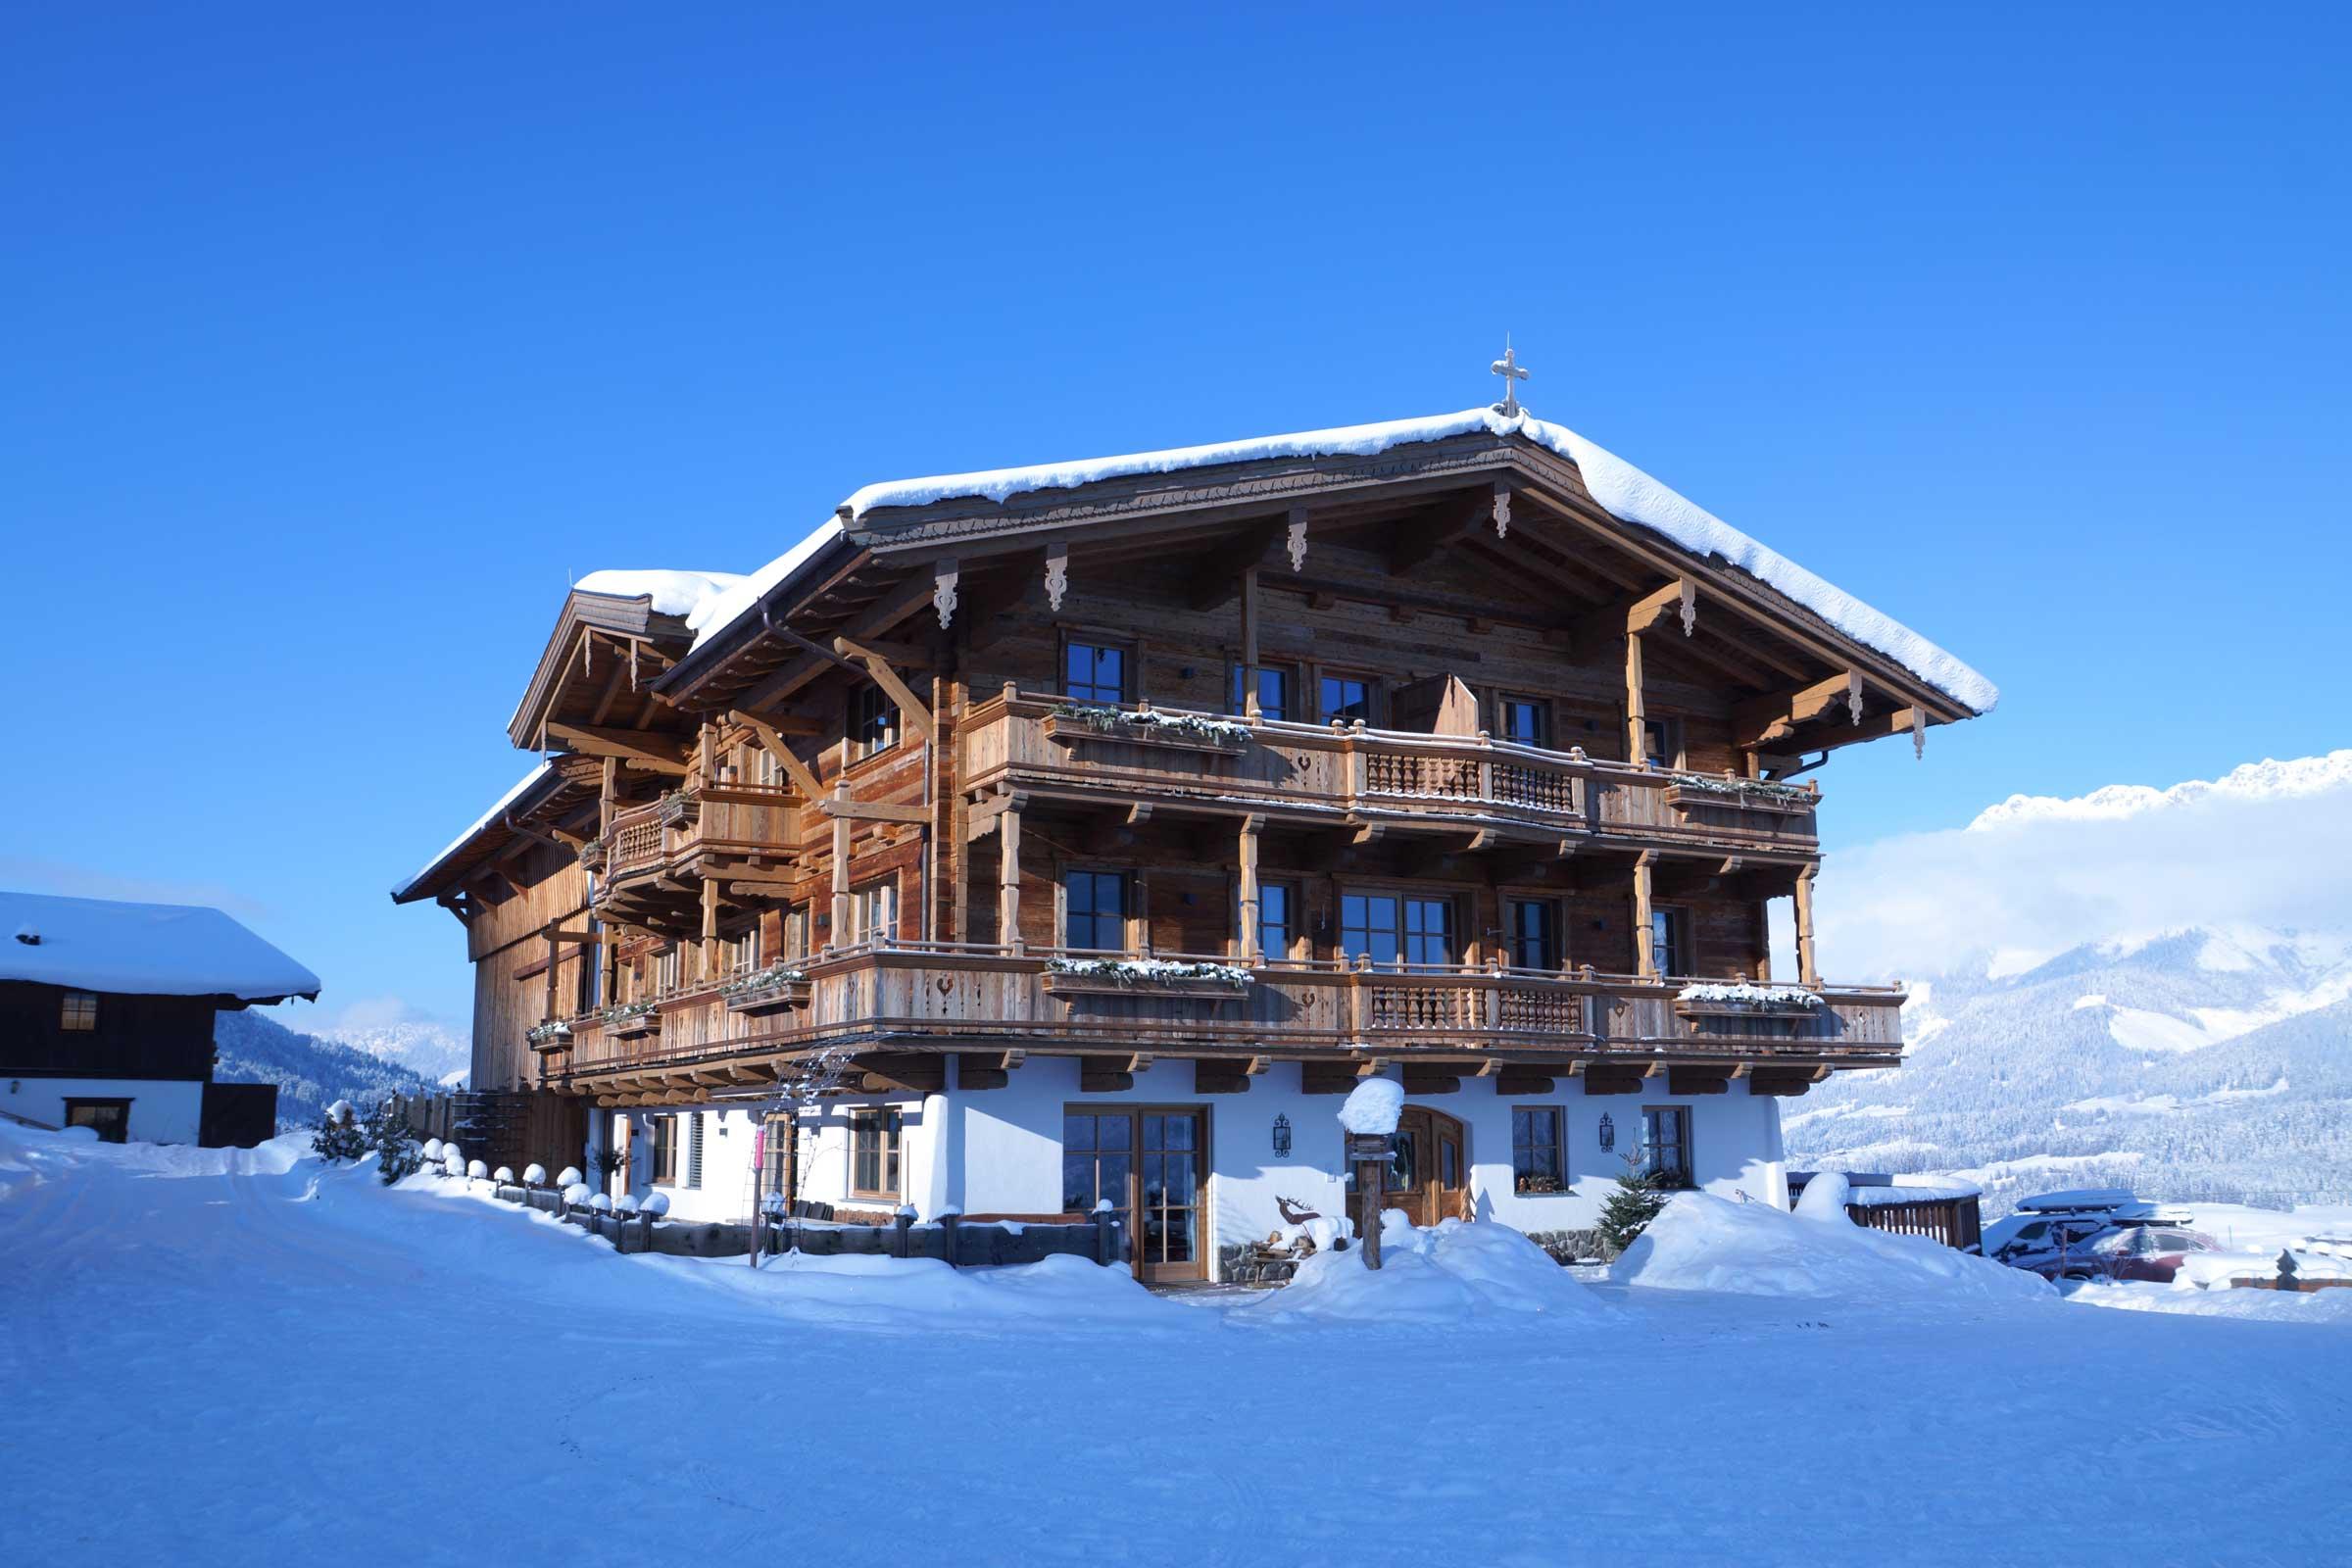 Der Naschberghof im Winter.